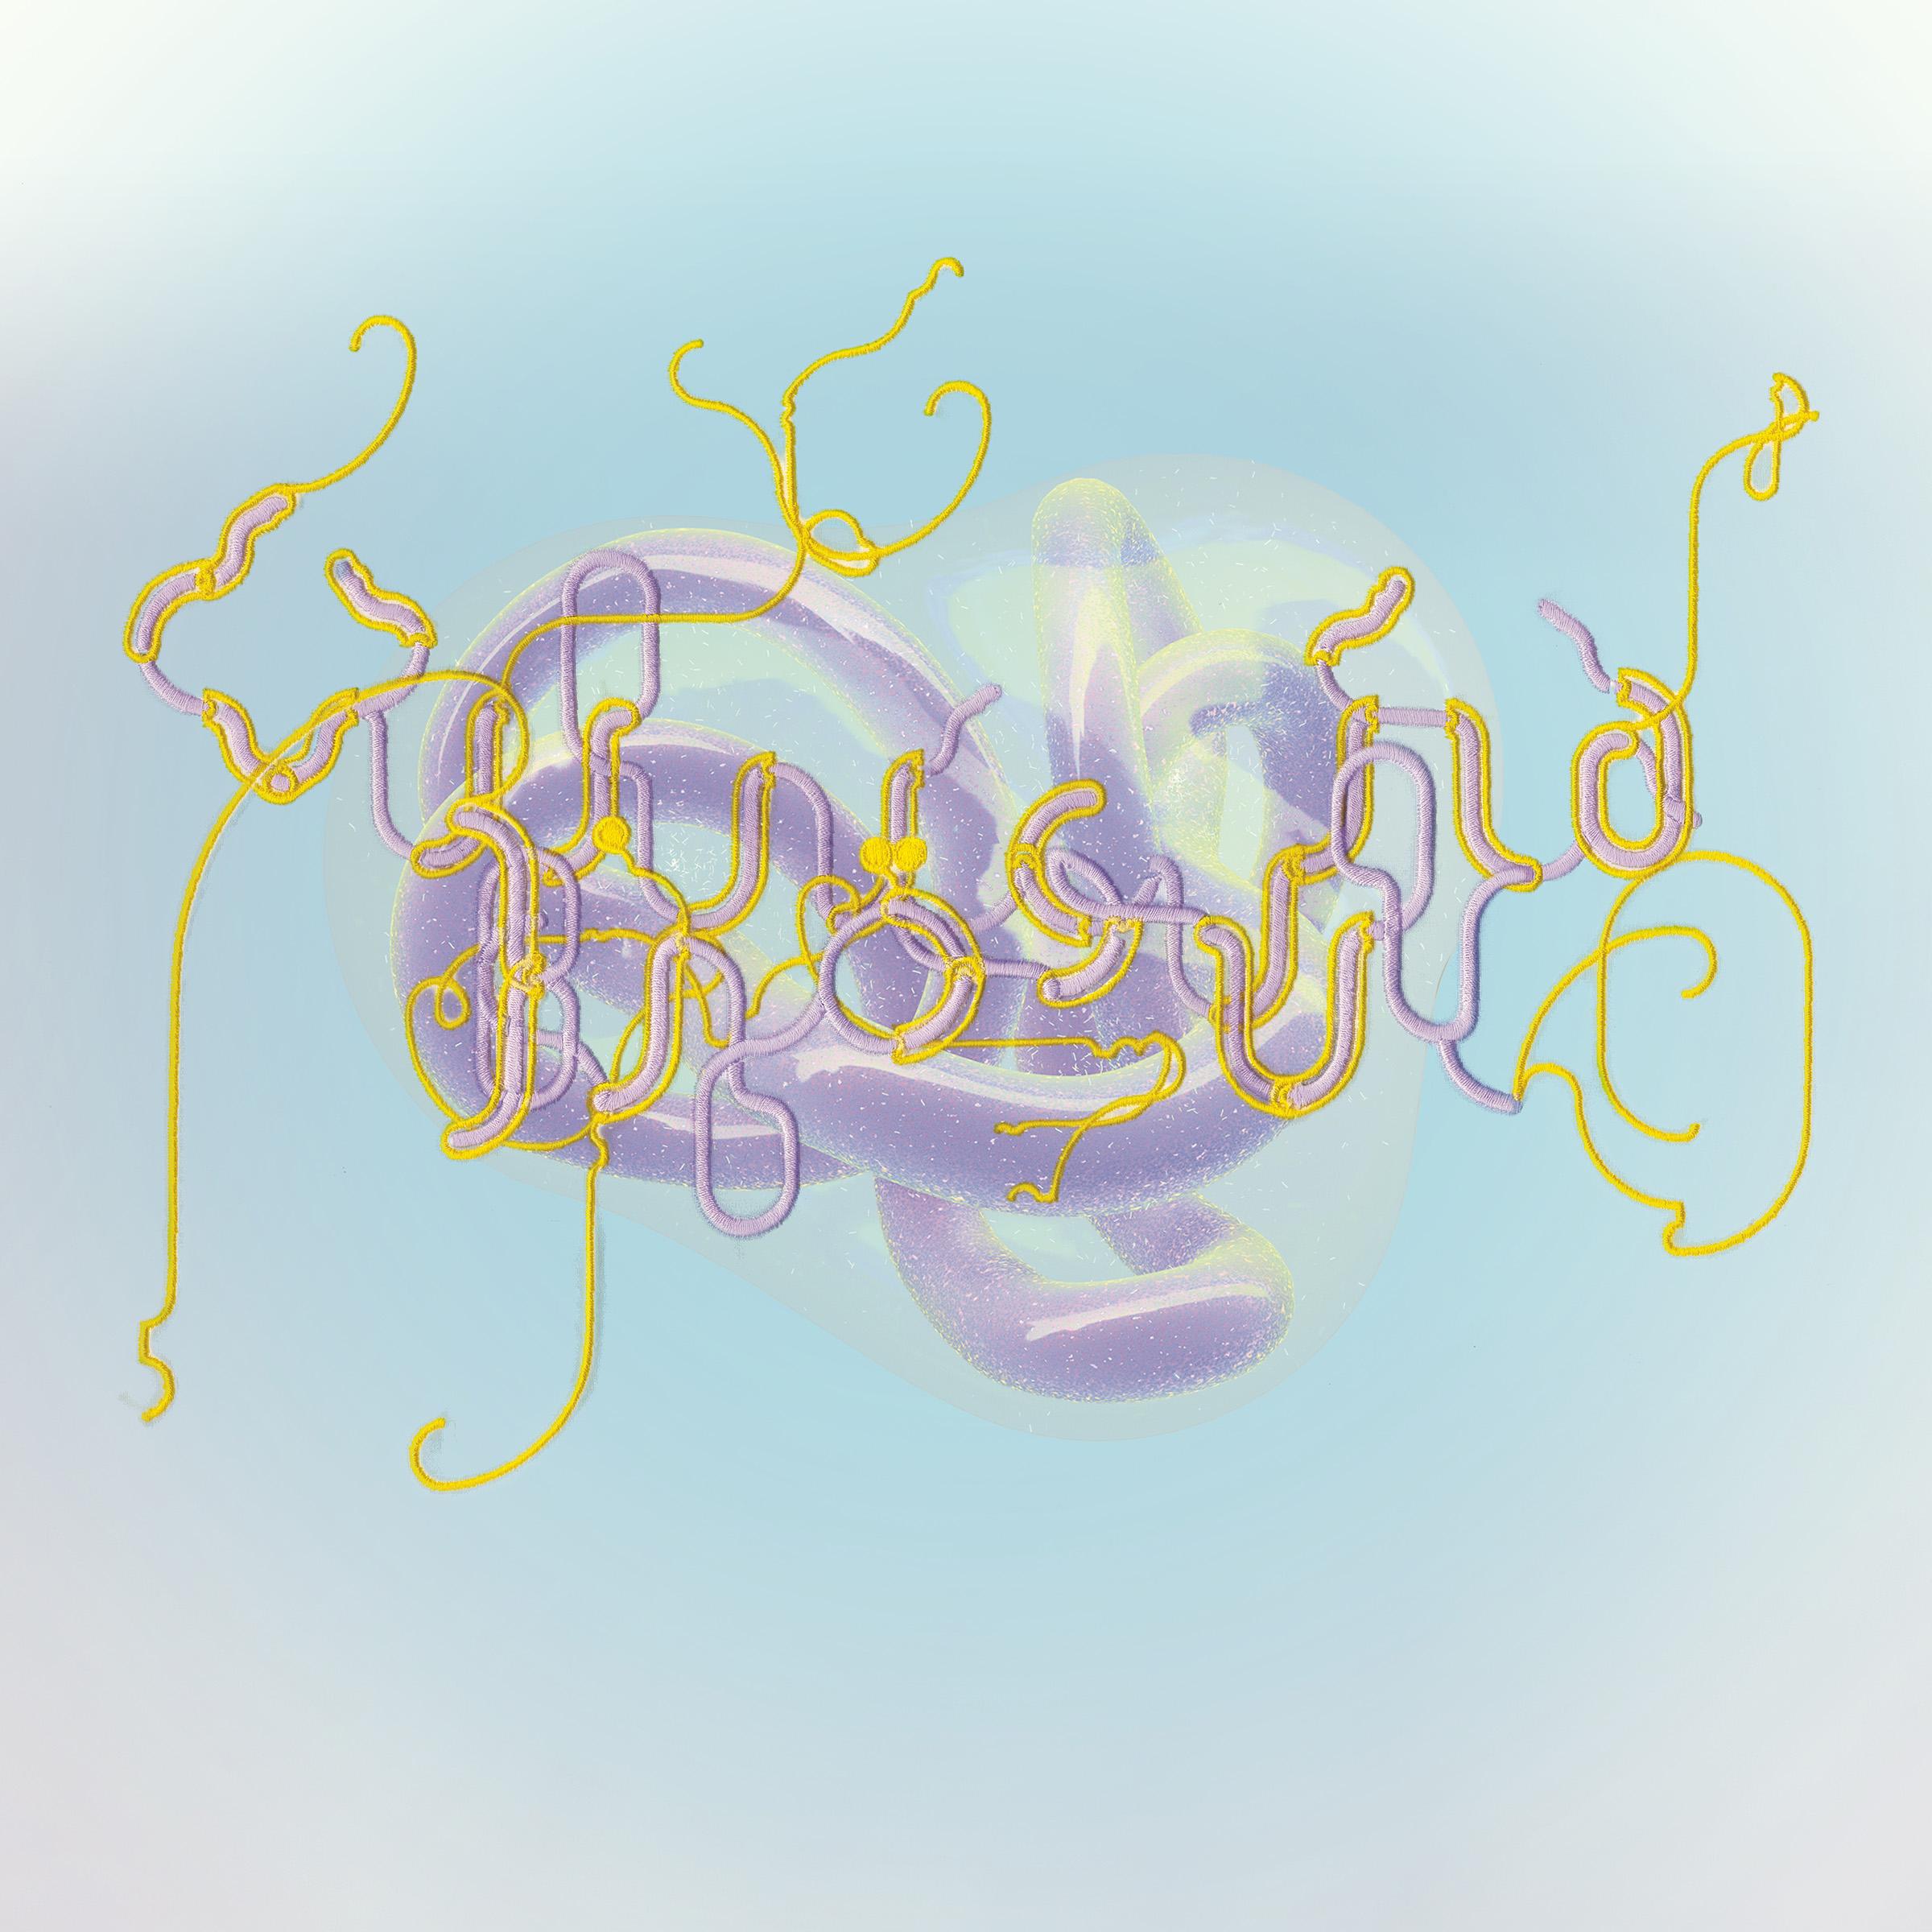 artworks-000119686954-dc8ihp-original.jp